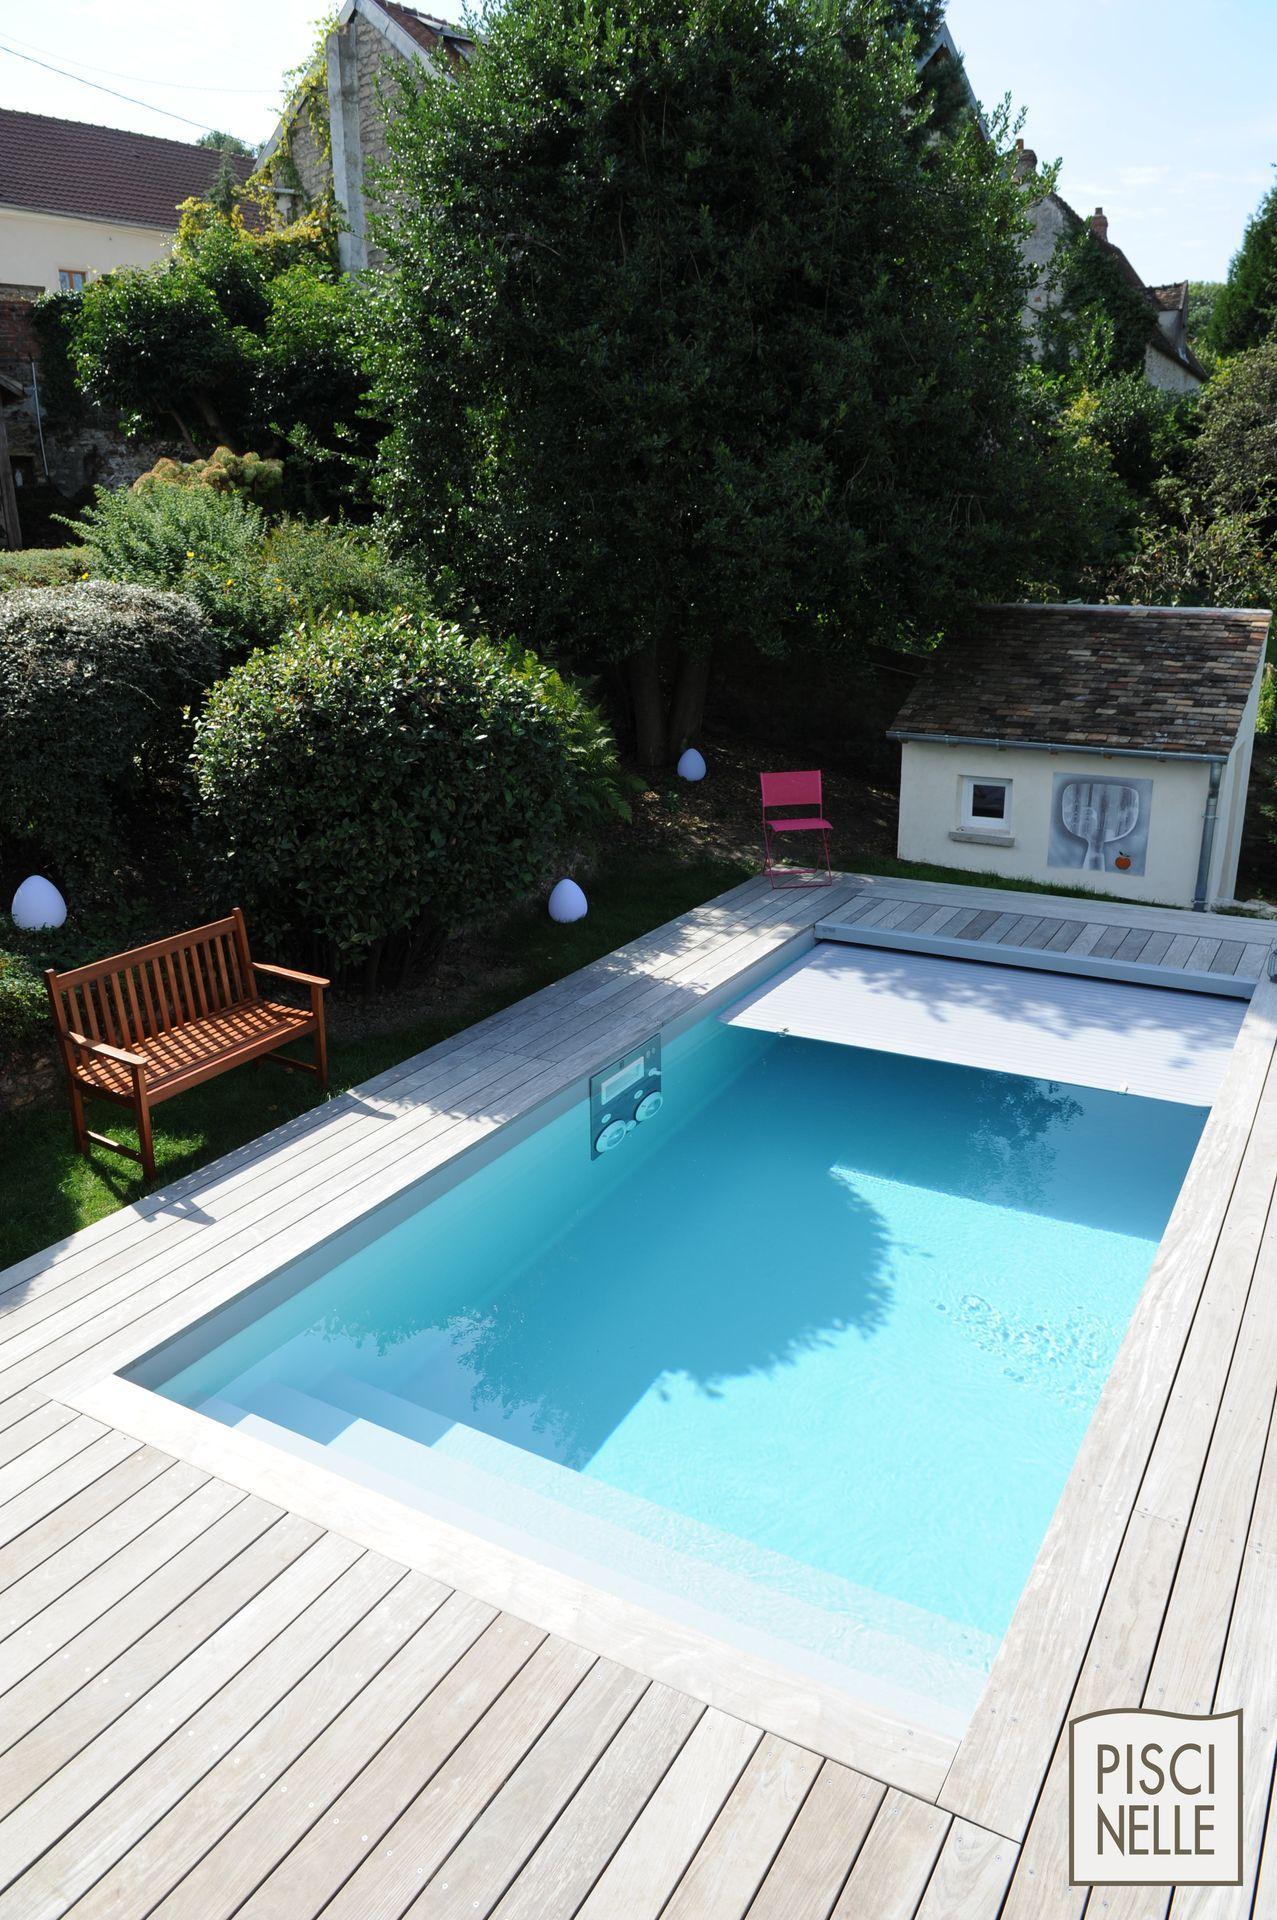 Petite piscine design rectangulaire conviviale. La couverture ...